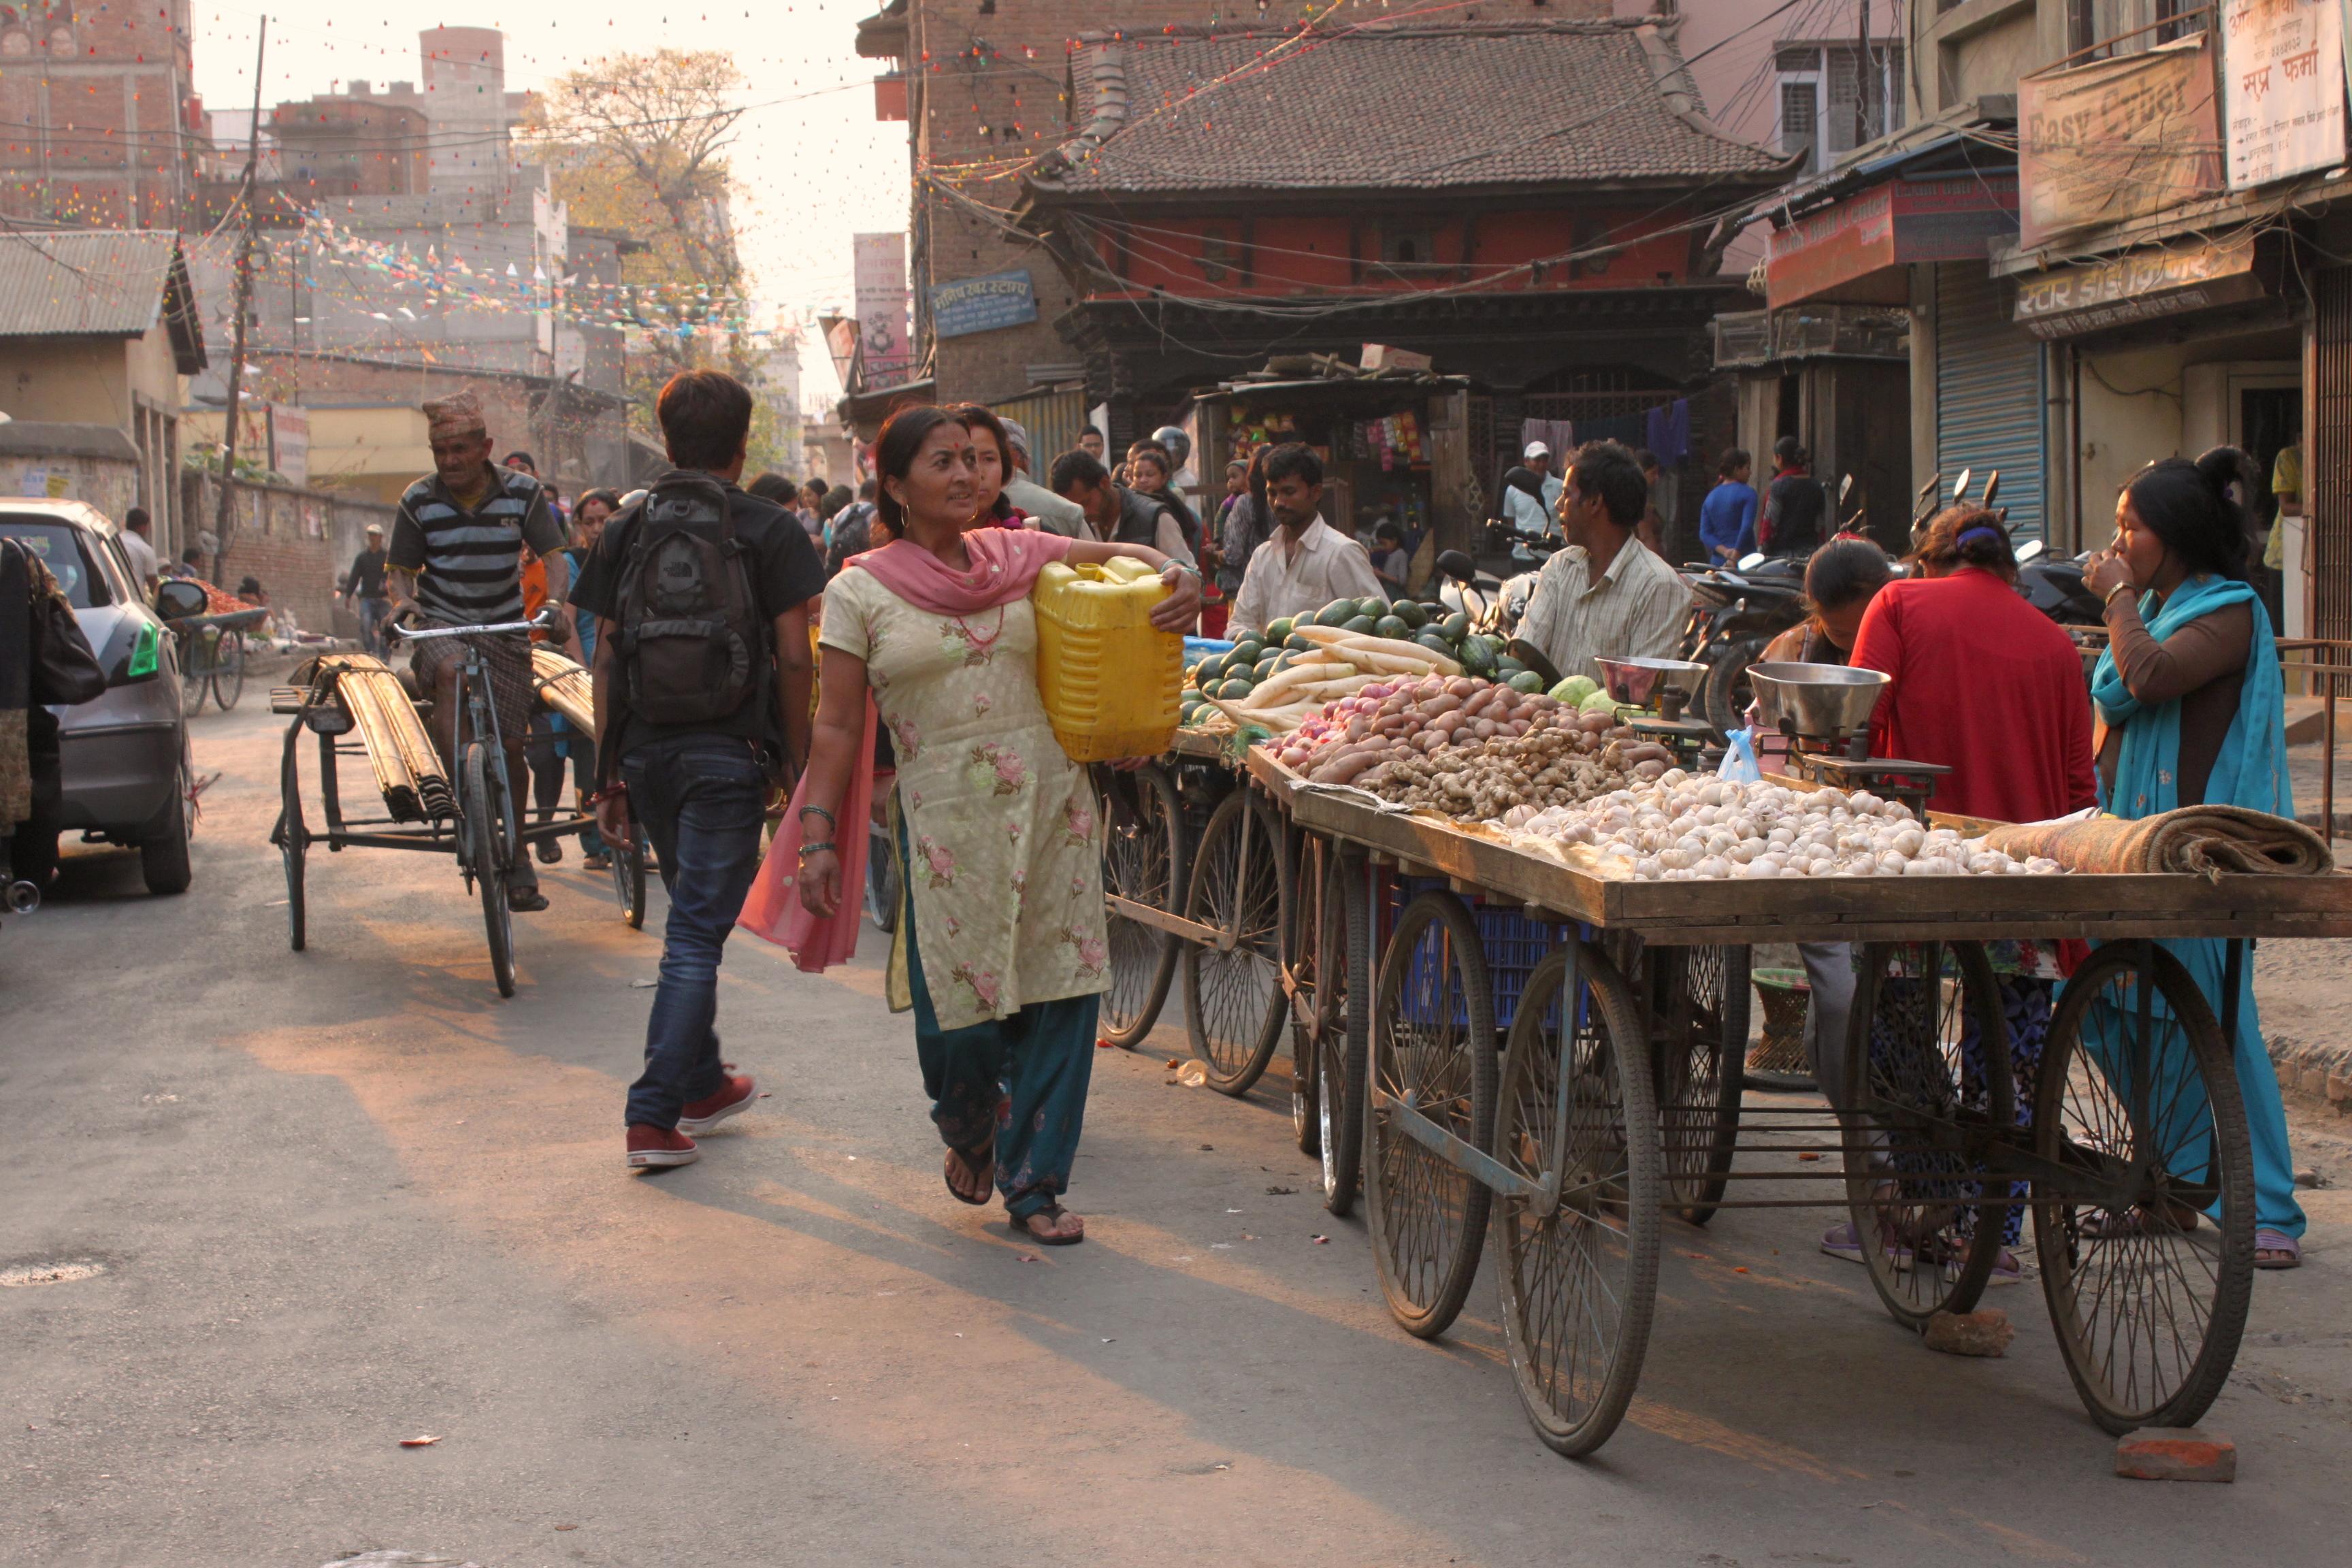 La vita quotidiana in Nepal ha la luce dei film